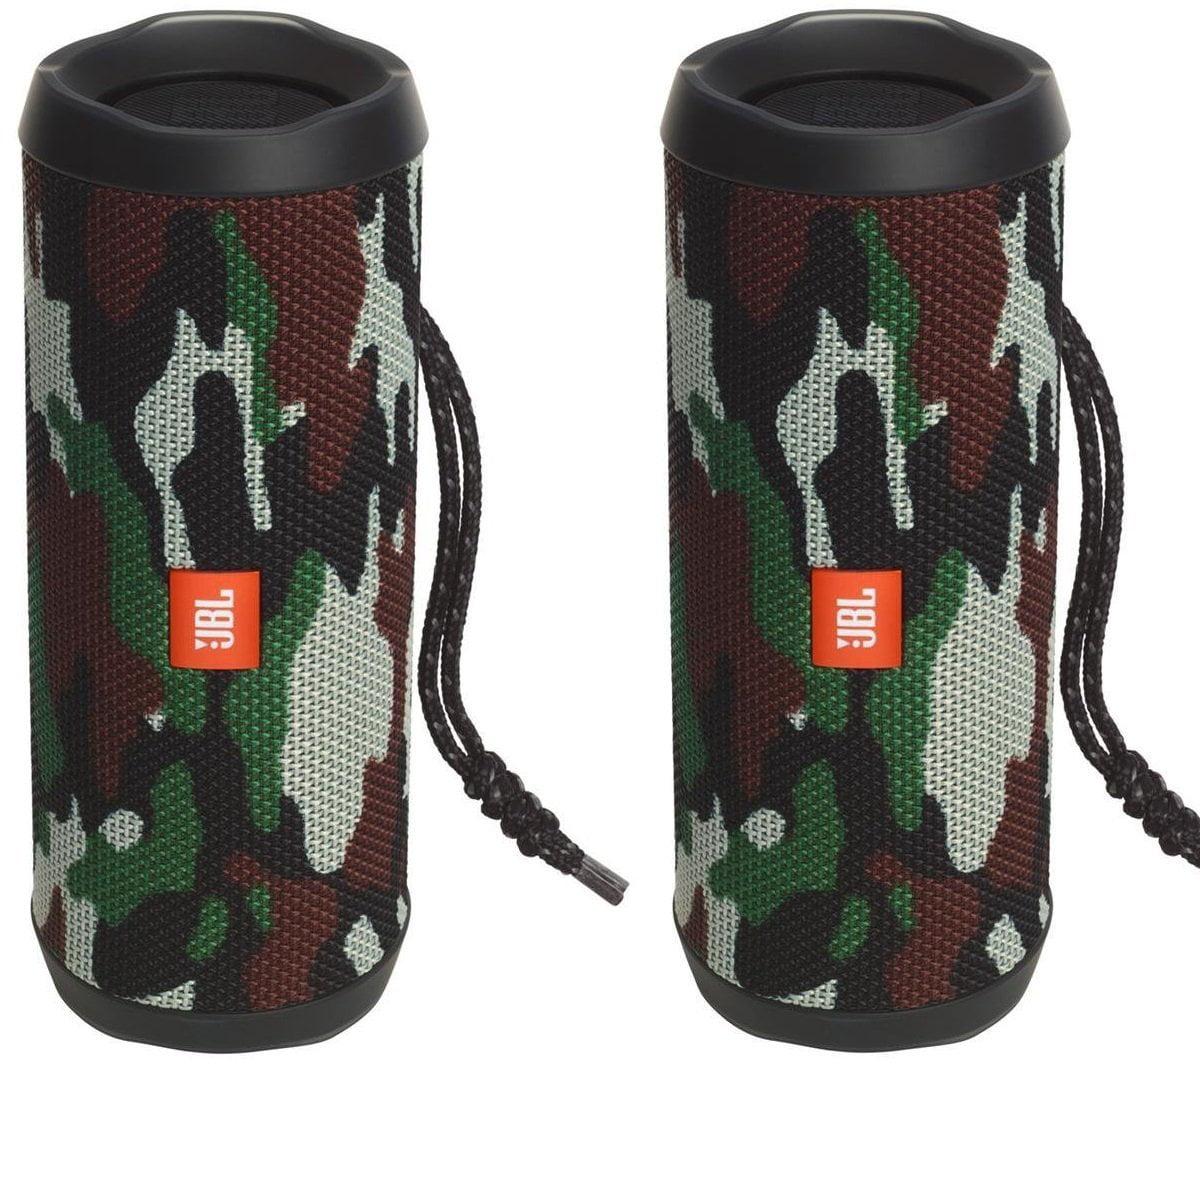 JBL Flip 4 Waterproof Portable Bluetooth Speaker (Camouflage) Pair by JBL